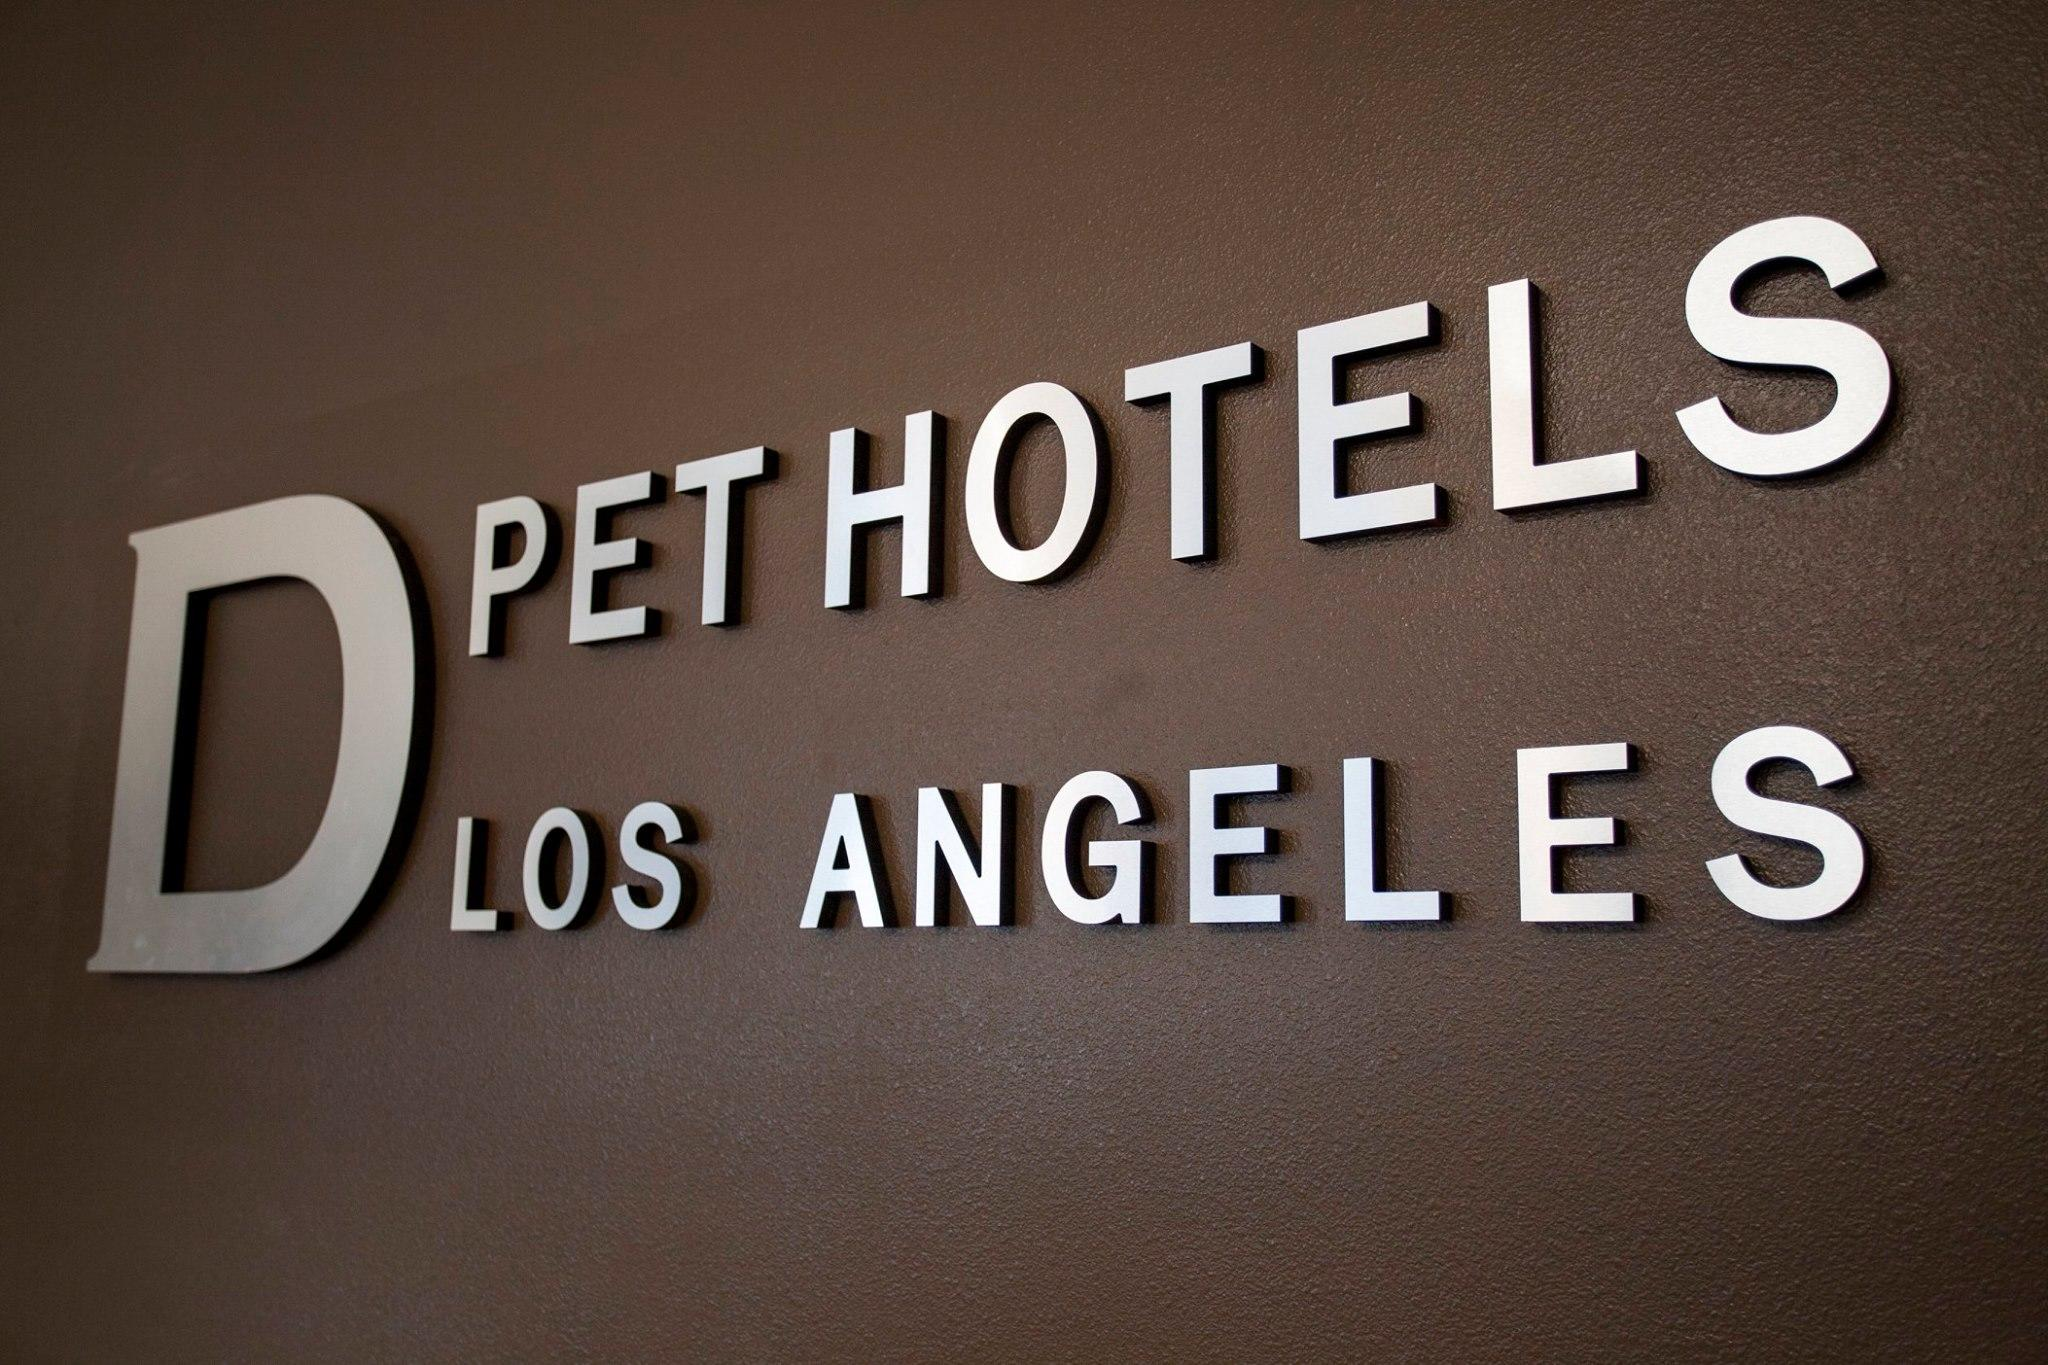 D Pet Hotels Los Angeles image 0